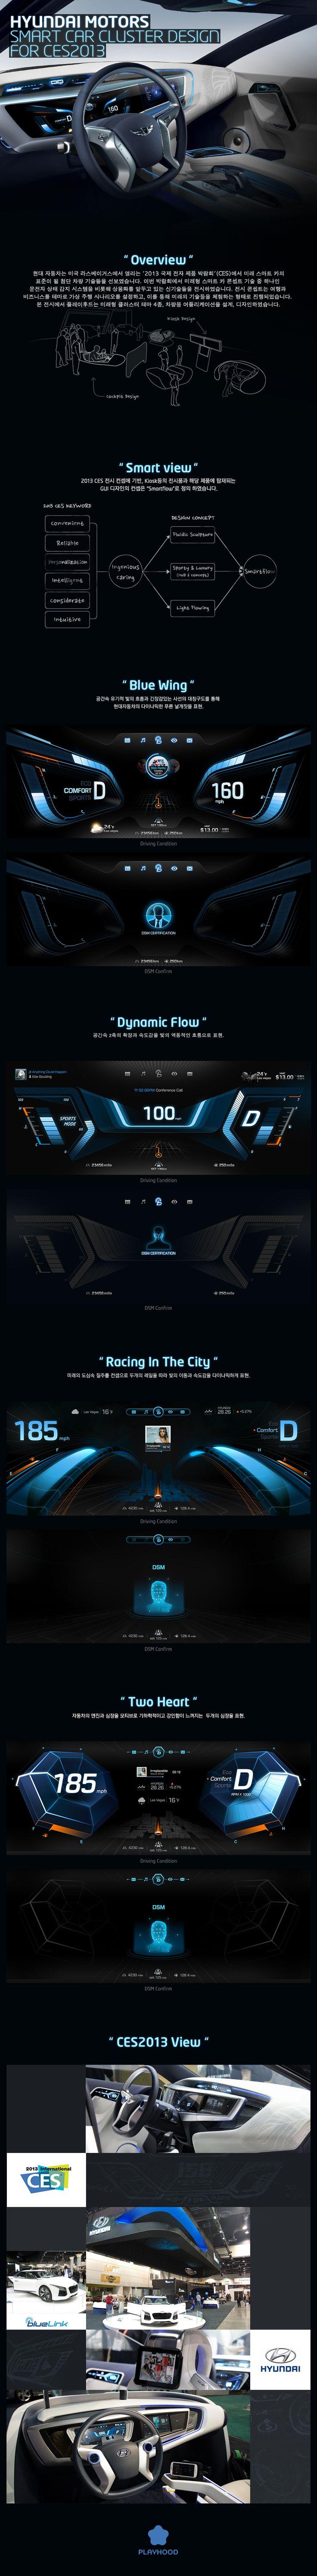 Hyundai Motors Smart Car Cluster Design                                                                                                                                                     More